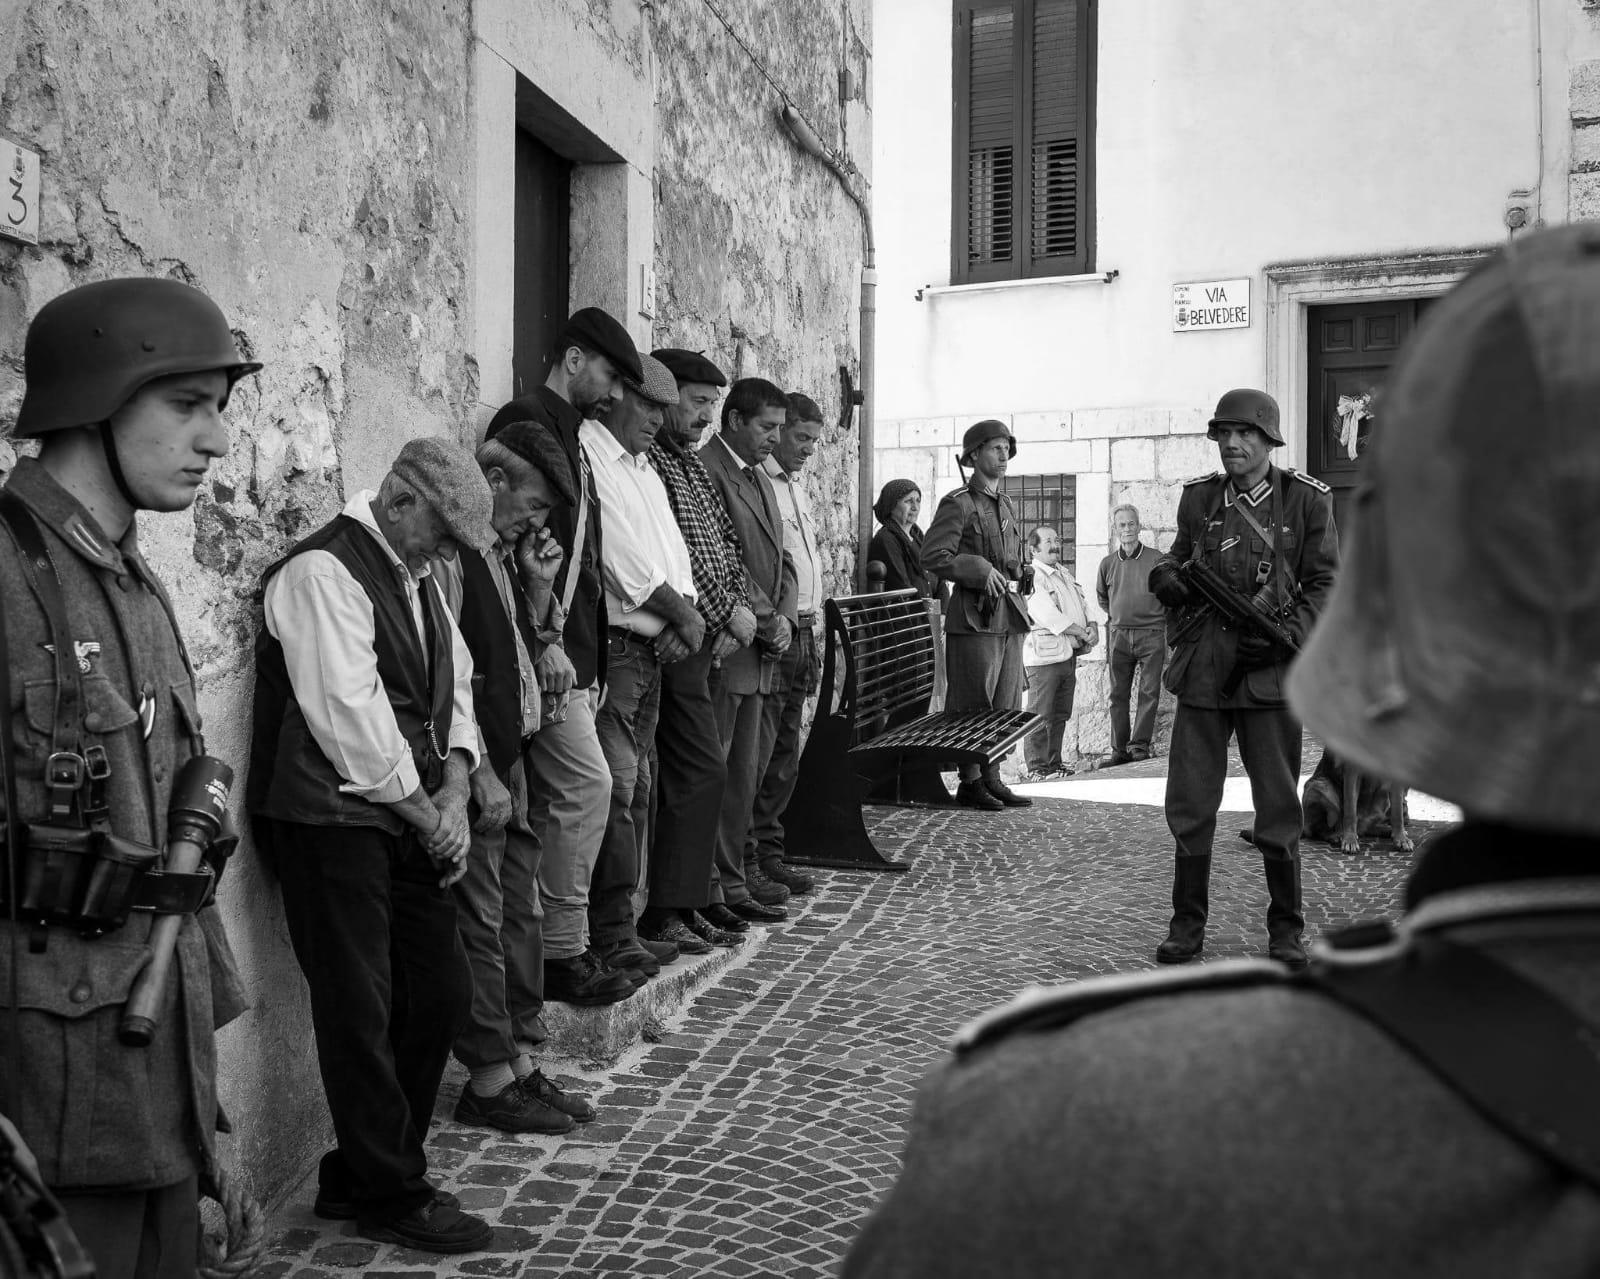 Fornelli: Riuscita la rievocazione storica dell'Eccidio grazie all'Associazione Noi soldati al Fronte.